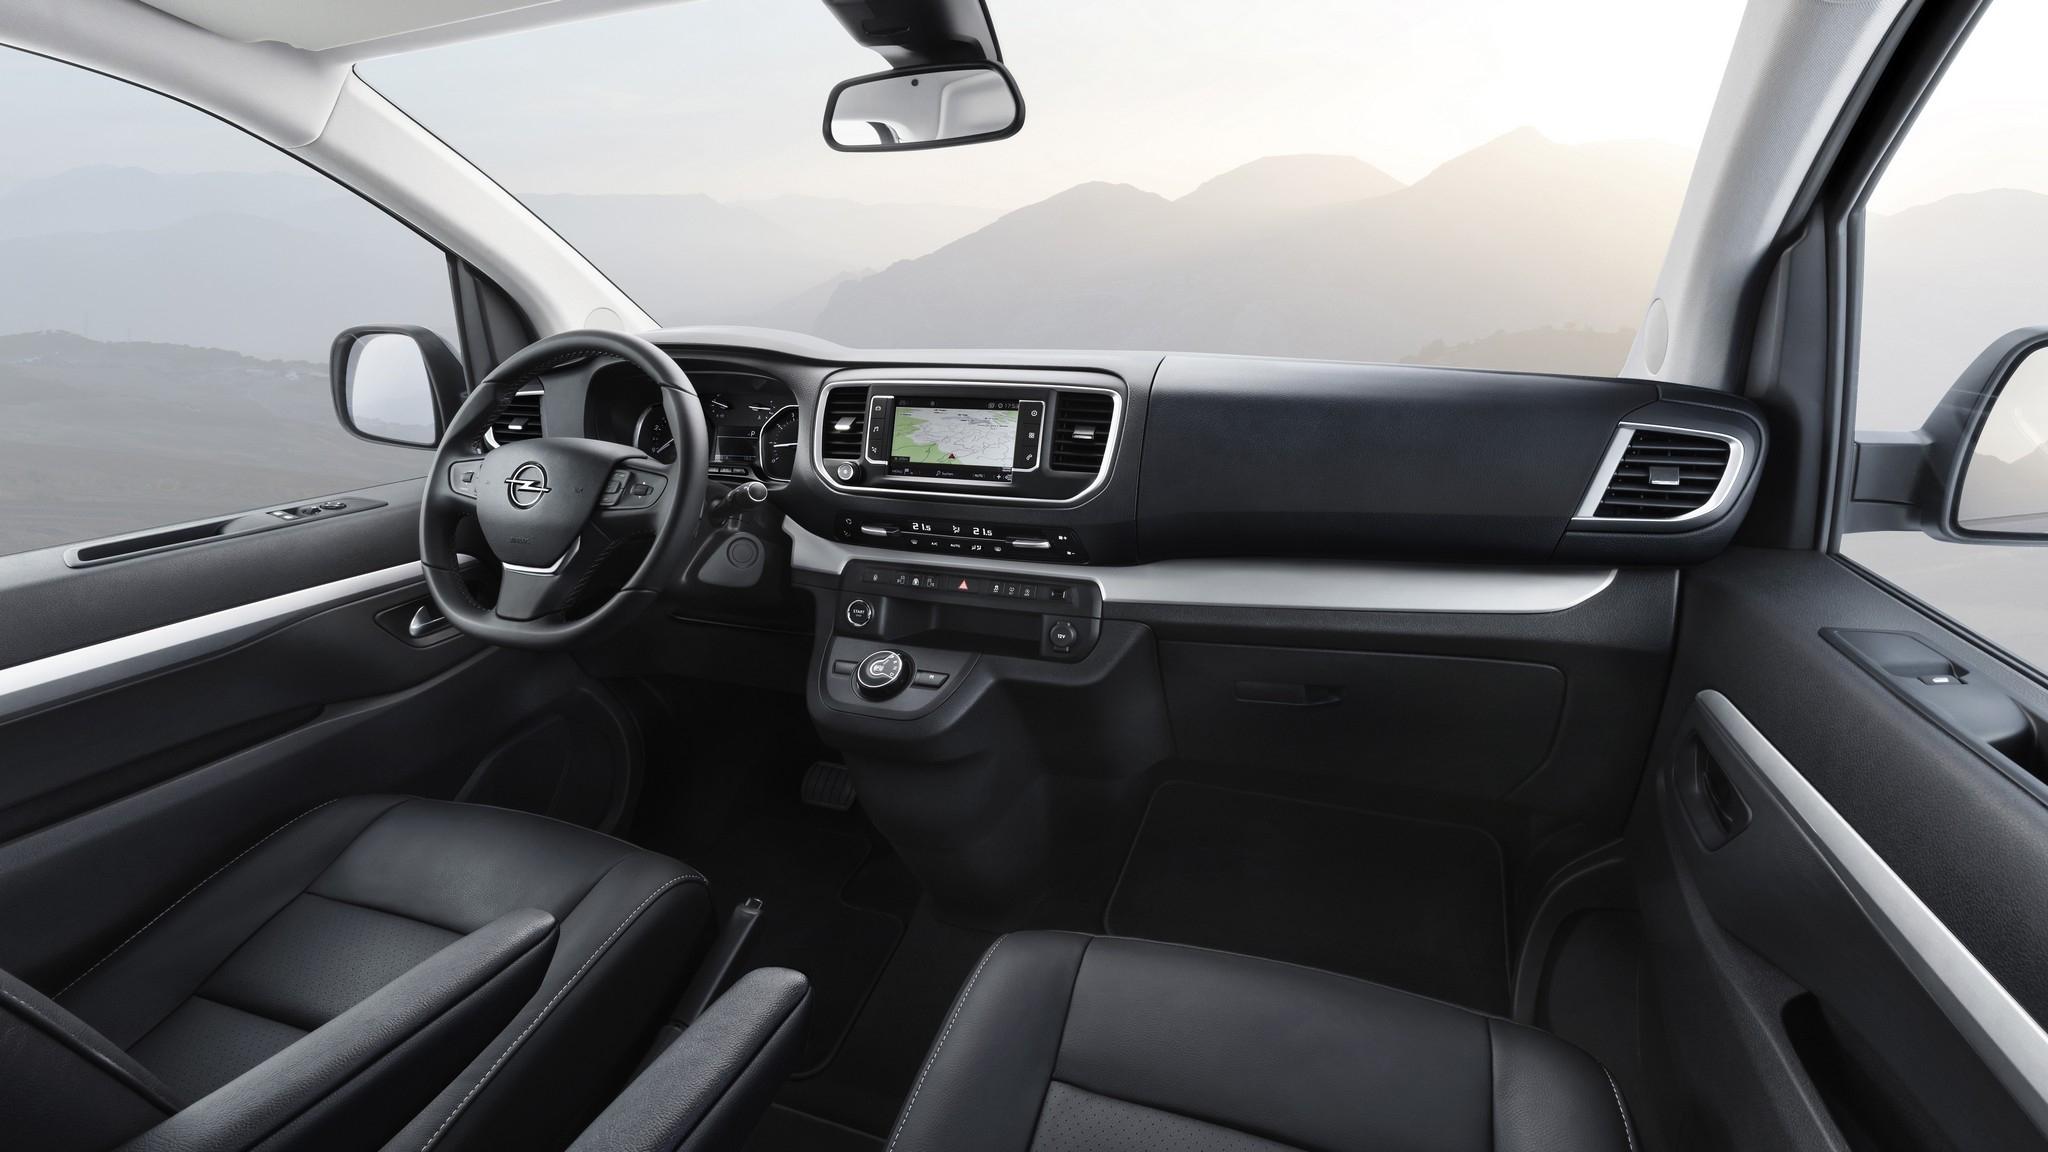 Opel-Zafira-Life-505560